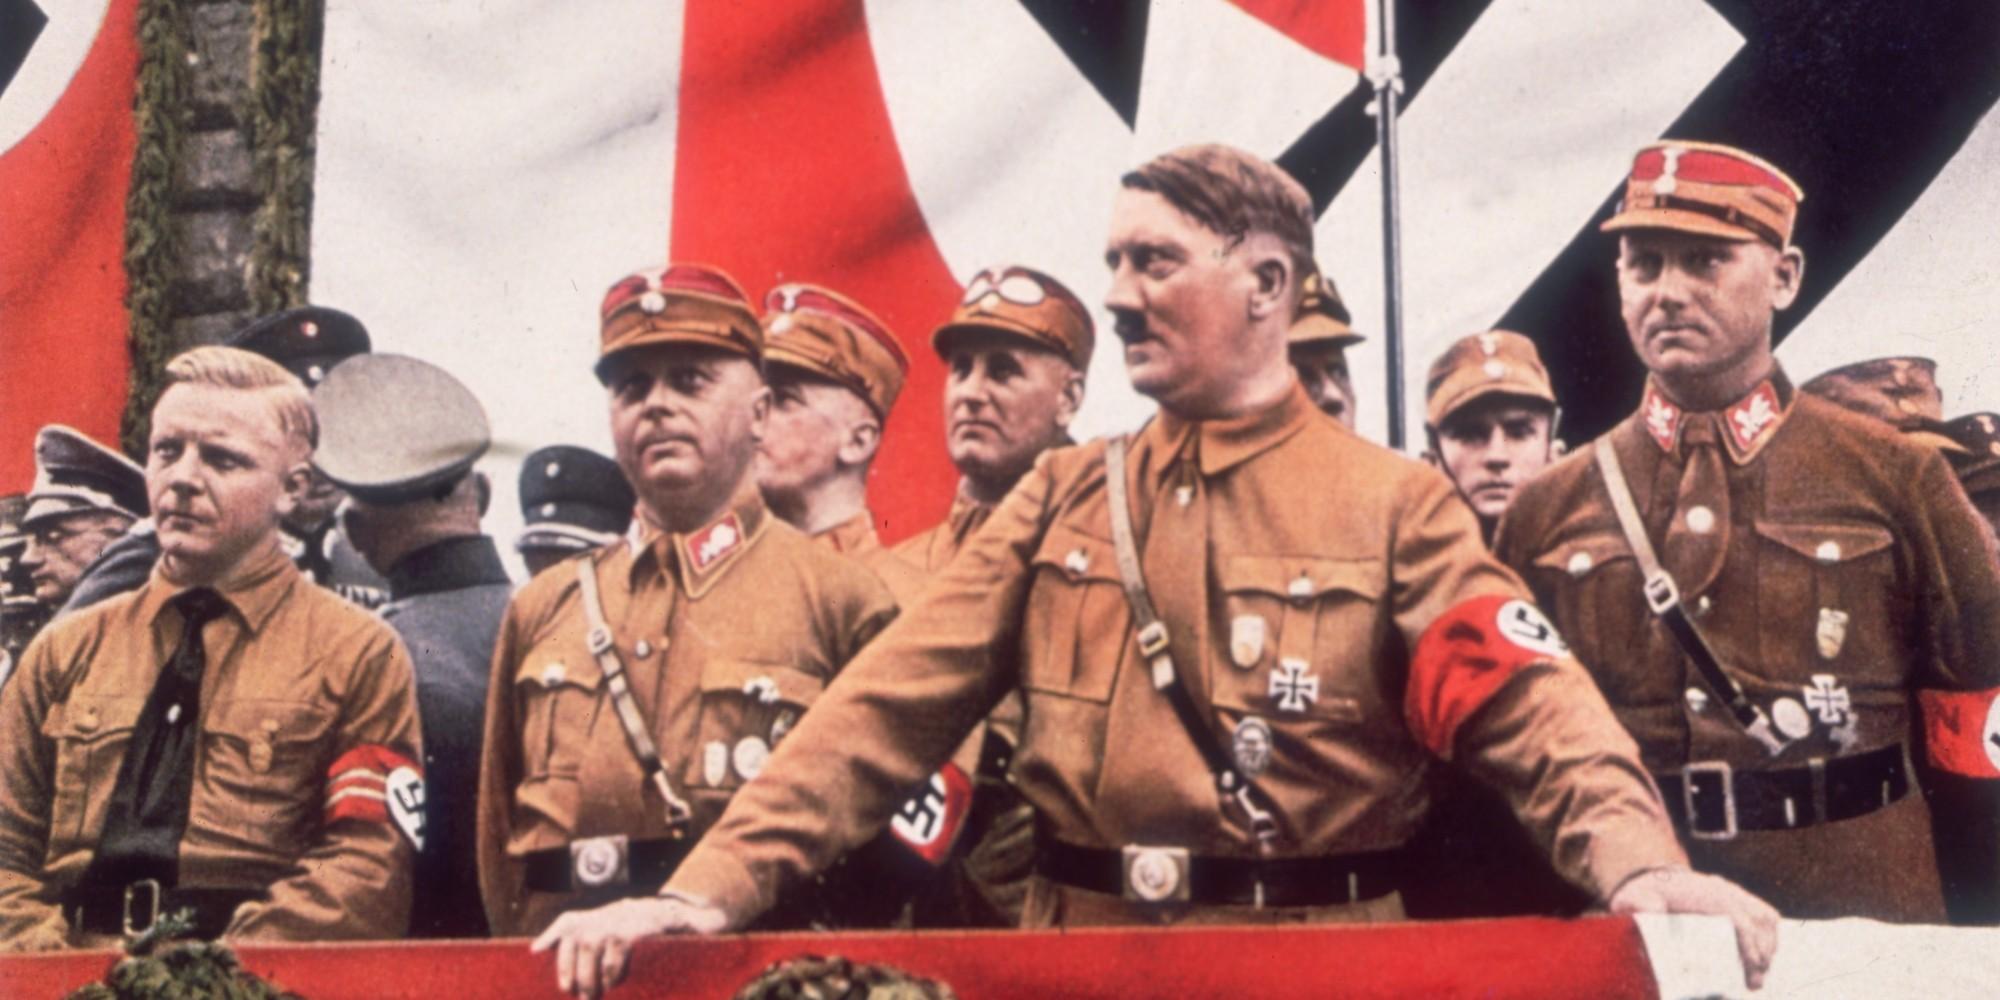 Nachfahren Hitler